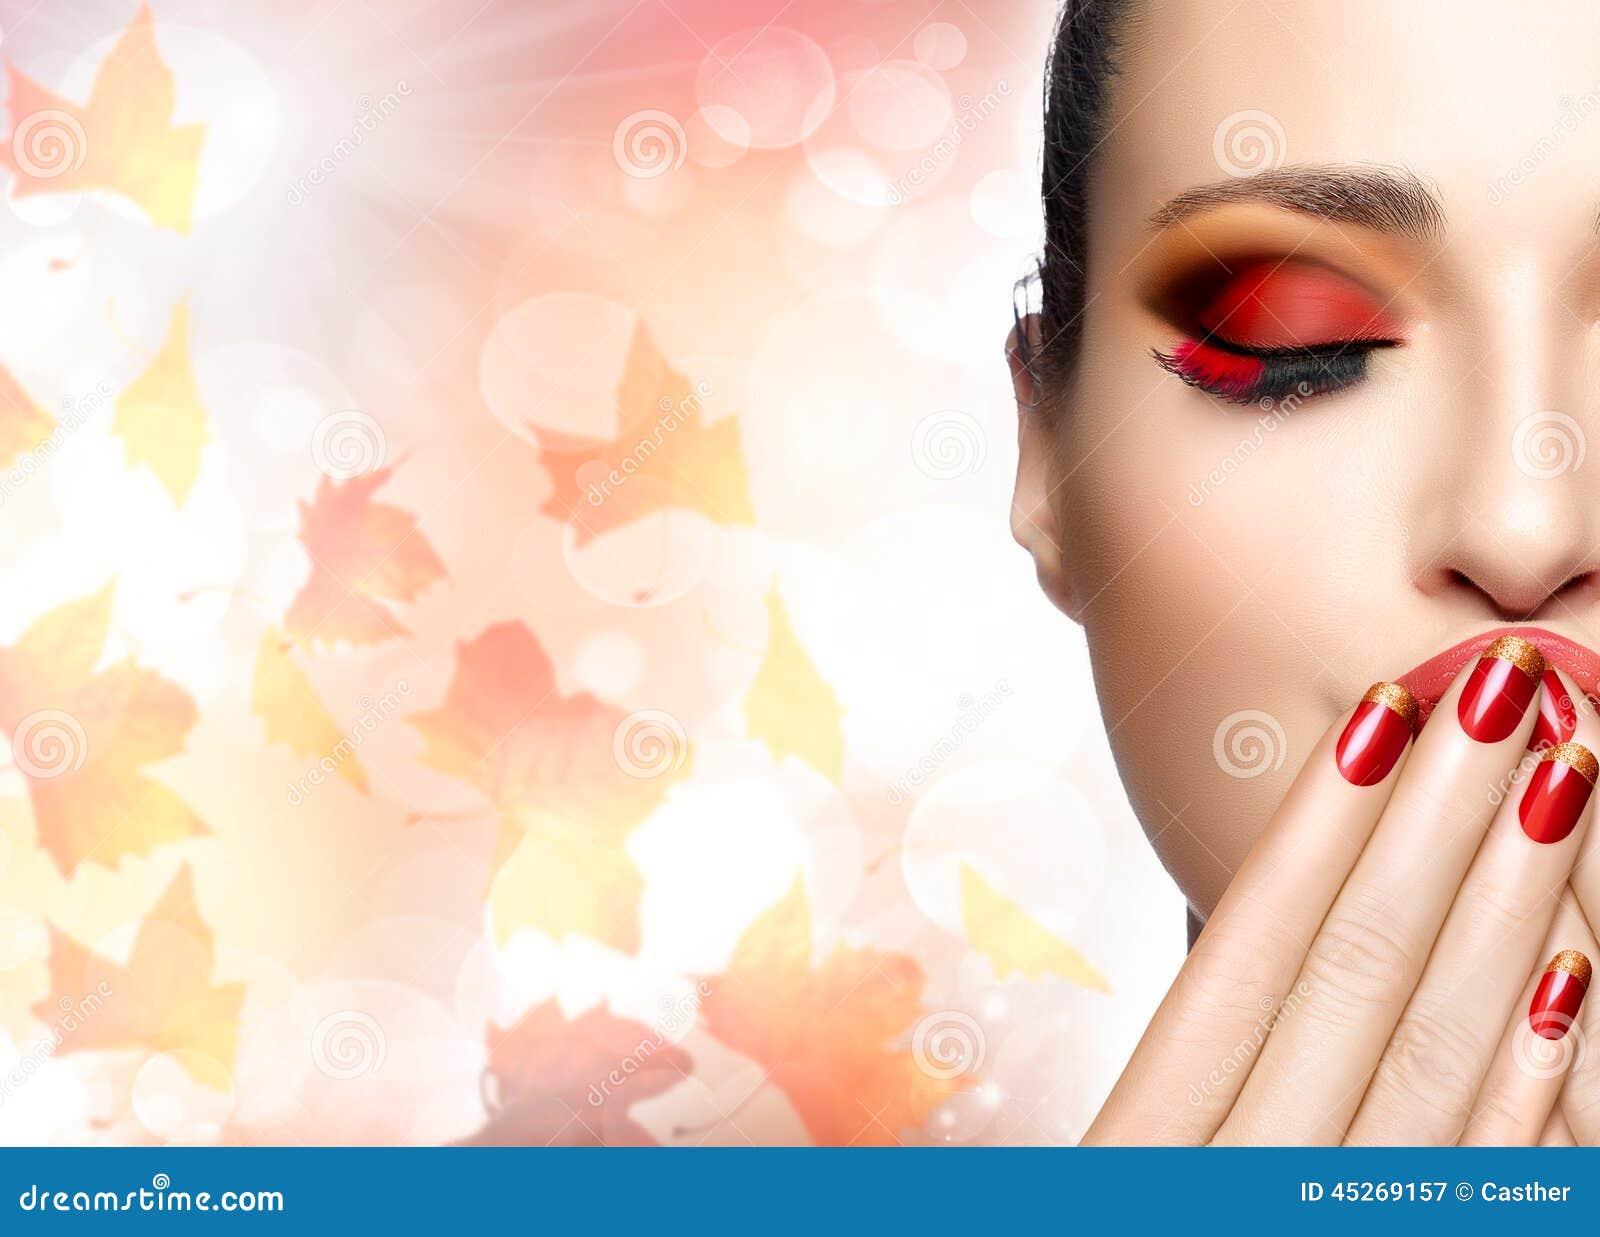 Autumn Makeup Und Nagel Art Trend Fall-Schönheits-Mode-Mädchen ...